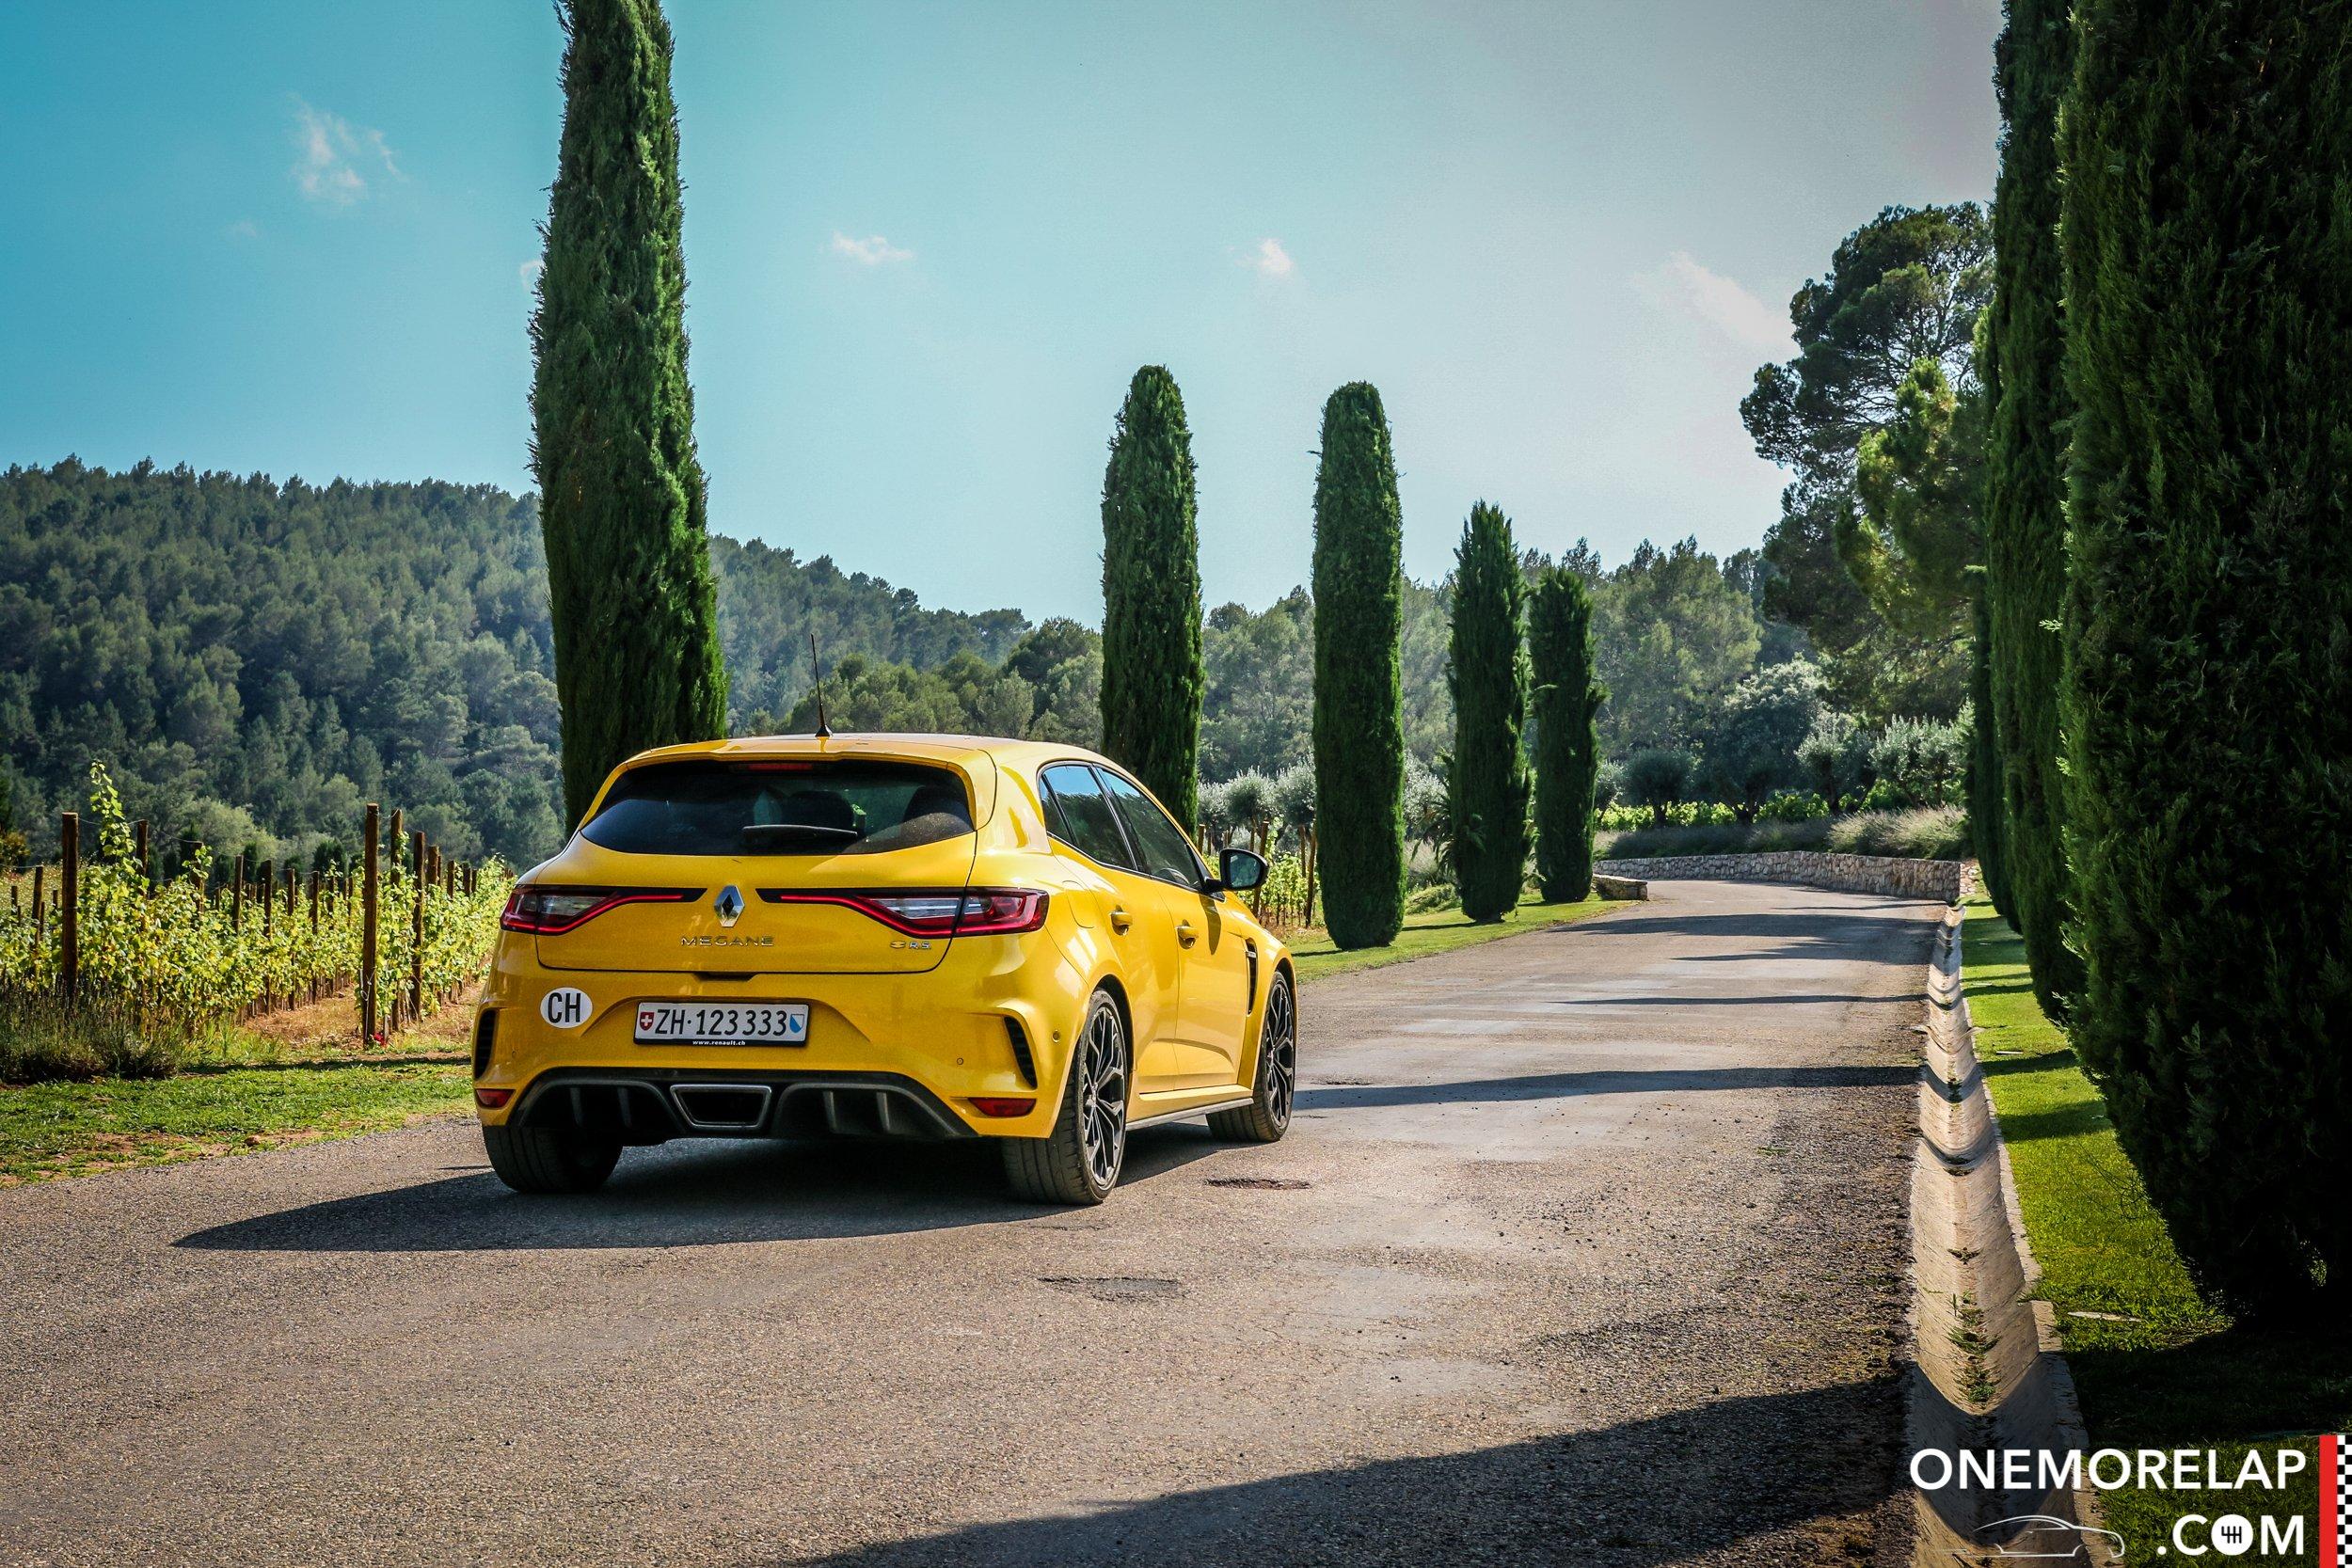 Fahrbericht: Renault Mégane R.S. 280 EDC in Südfrankreich